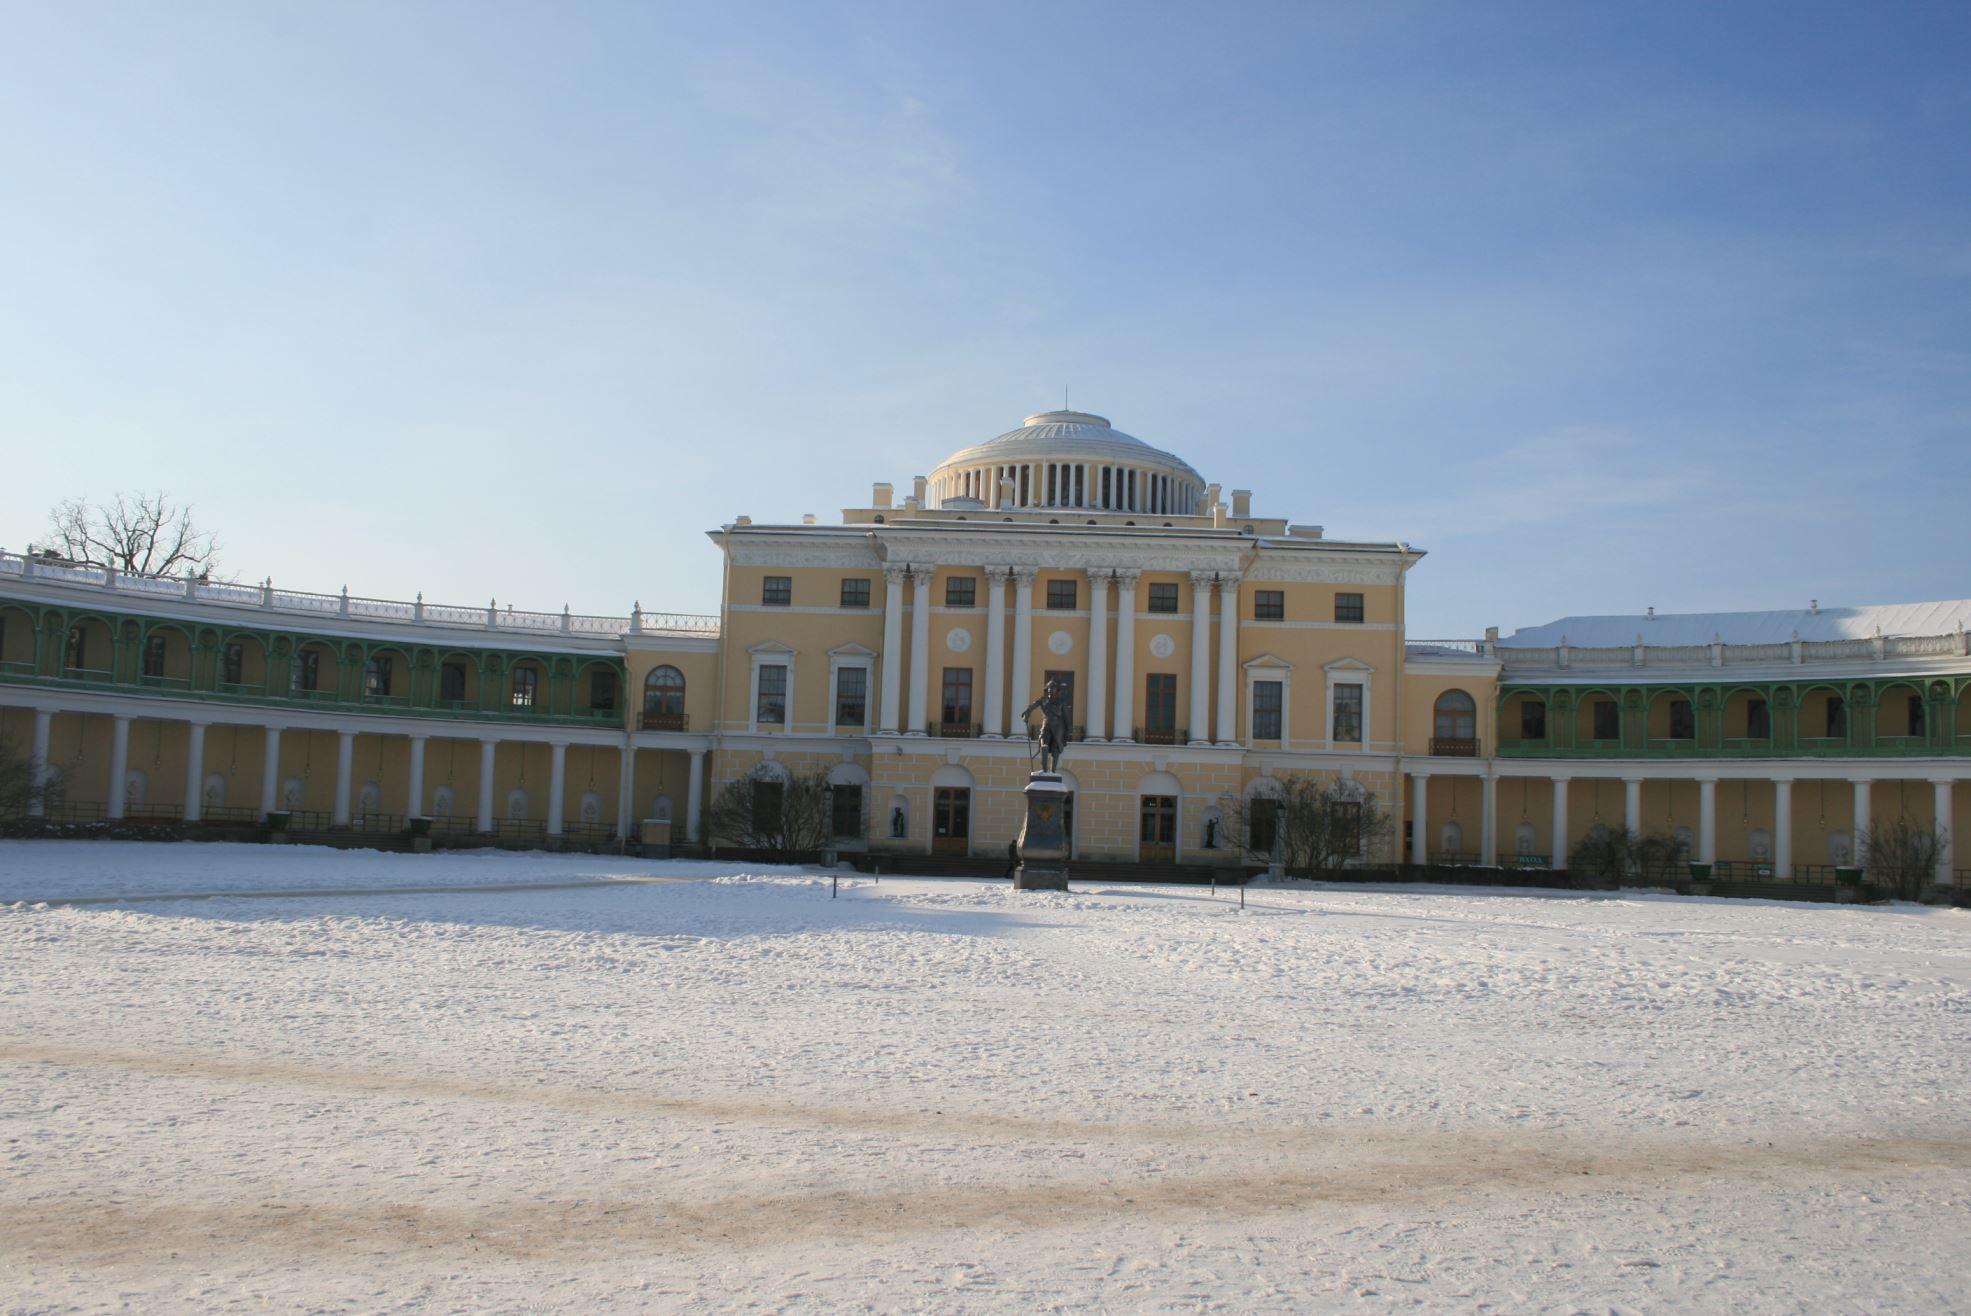 Pavlovsk palace in winter